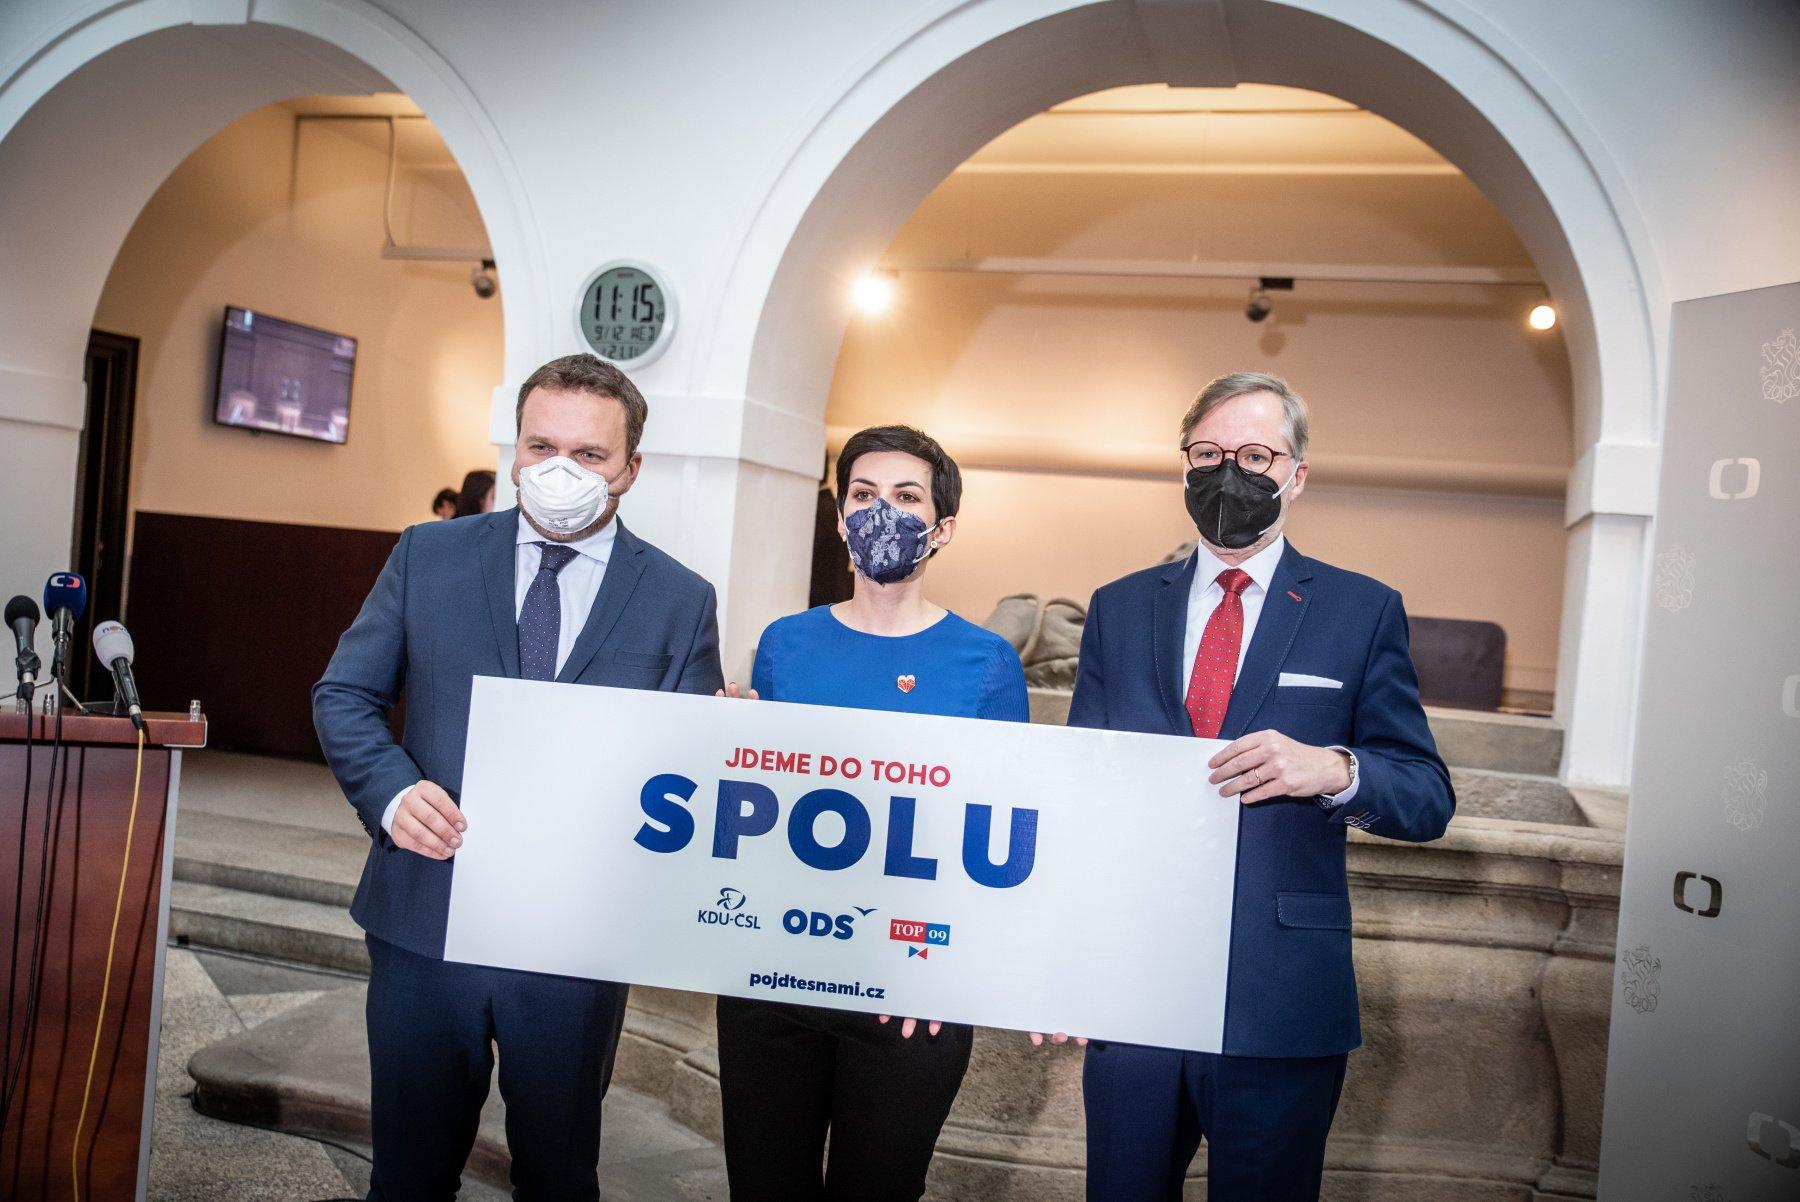 """SPOLU: V dubnu spustíme kampaň """"Dáme Česko dohromady"""". Koaliční smlouvu podepíší předsedové 11. dubna"""